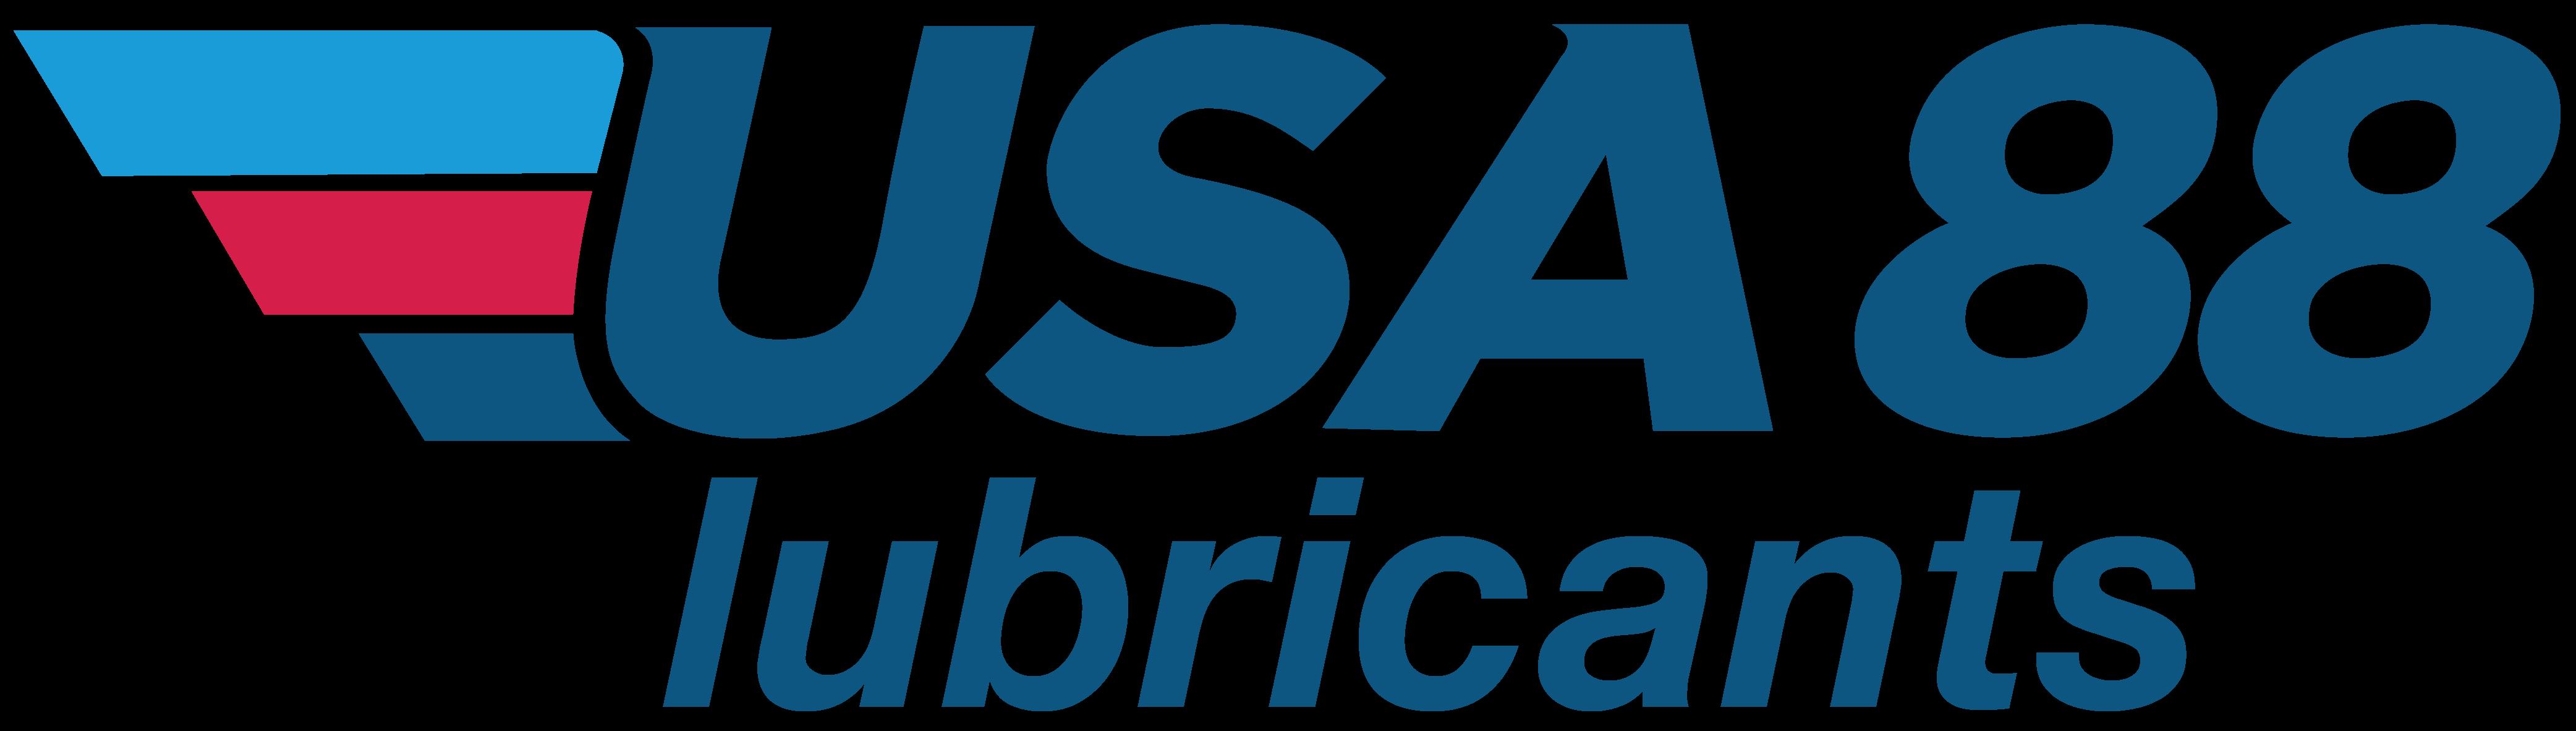 USA88